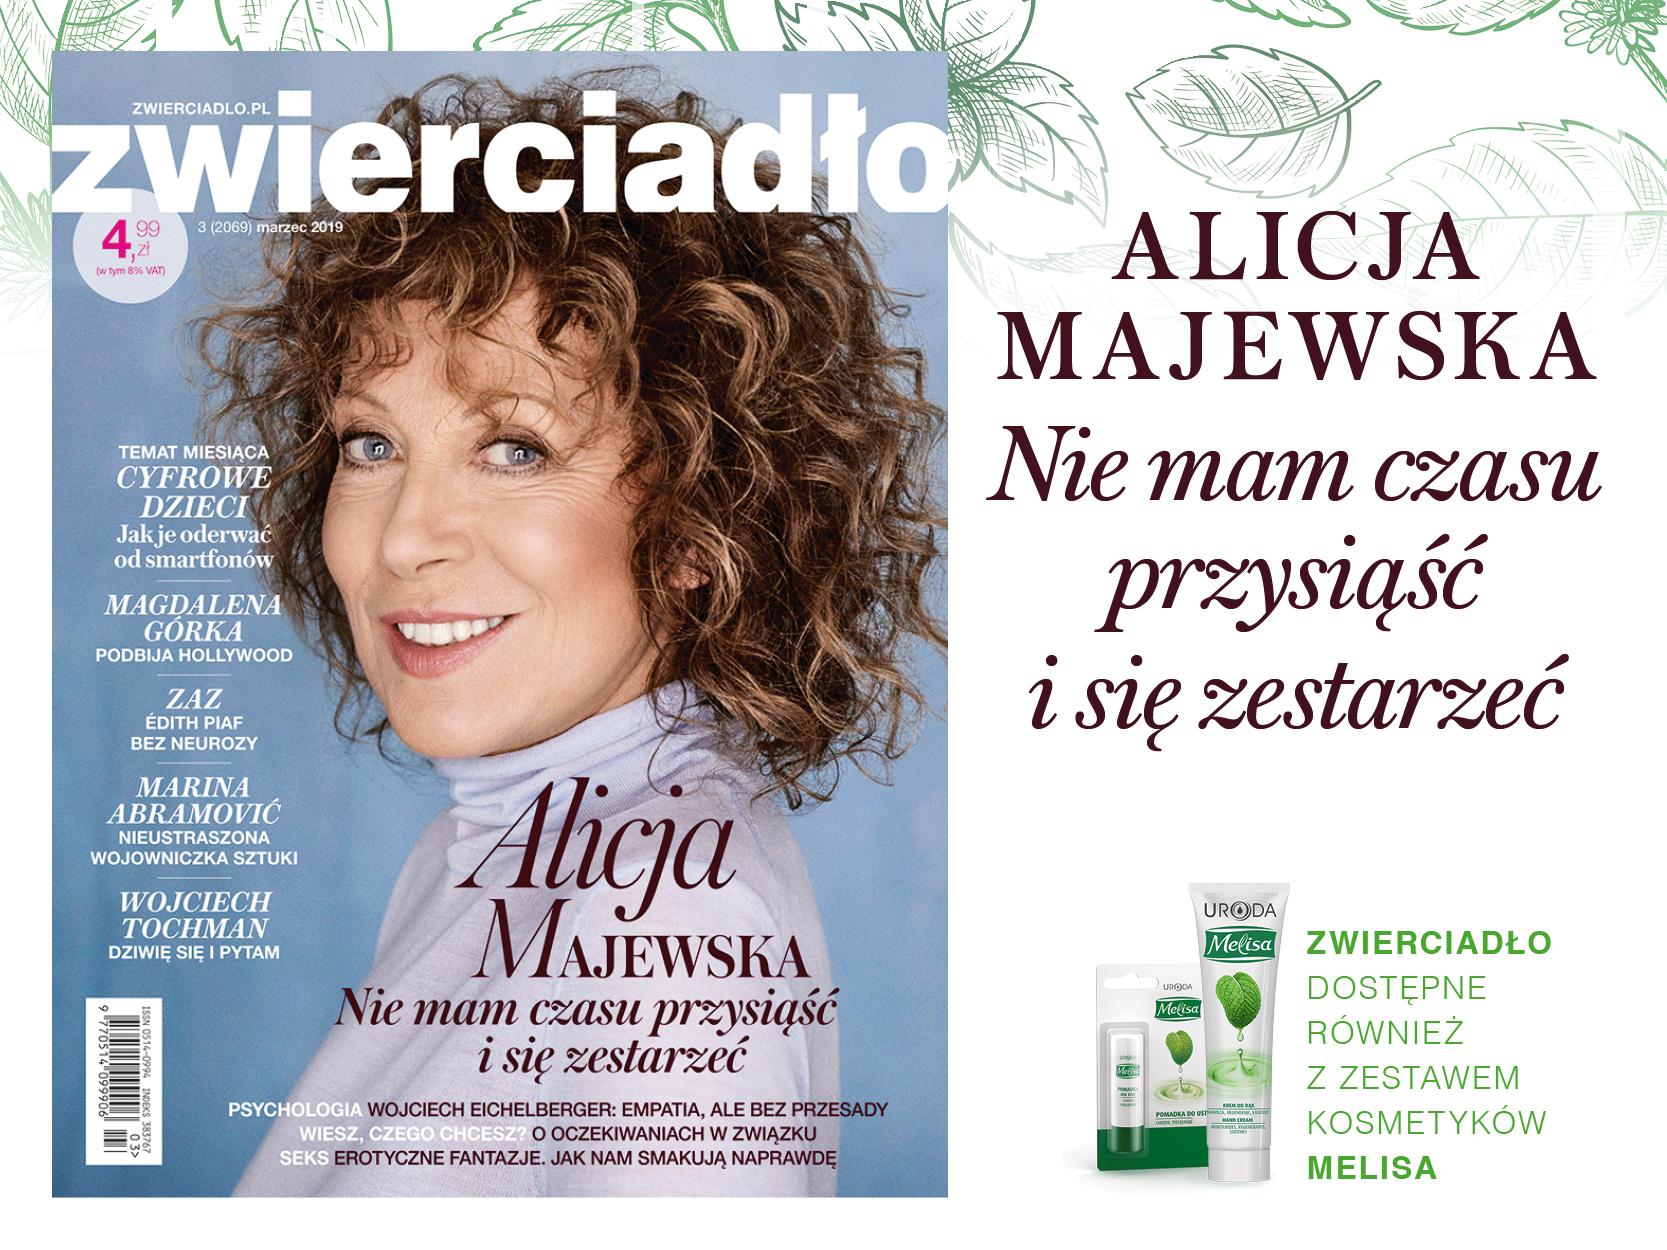 Marcowe wydanie miesięcznika Zwierciadło już w sprzedaży!